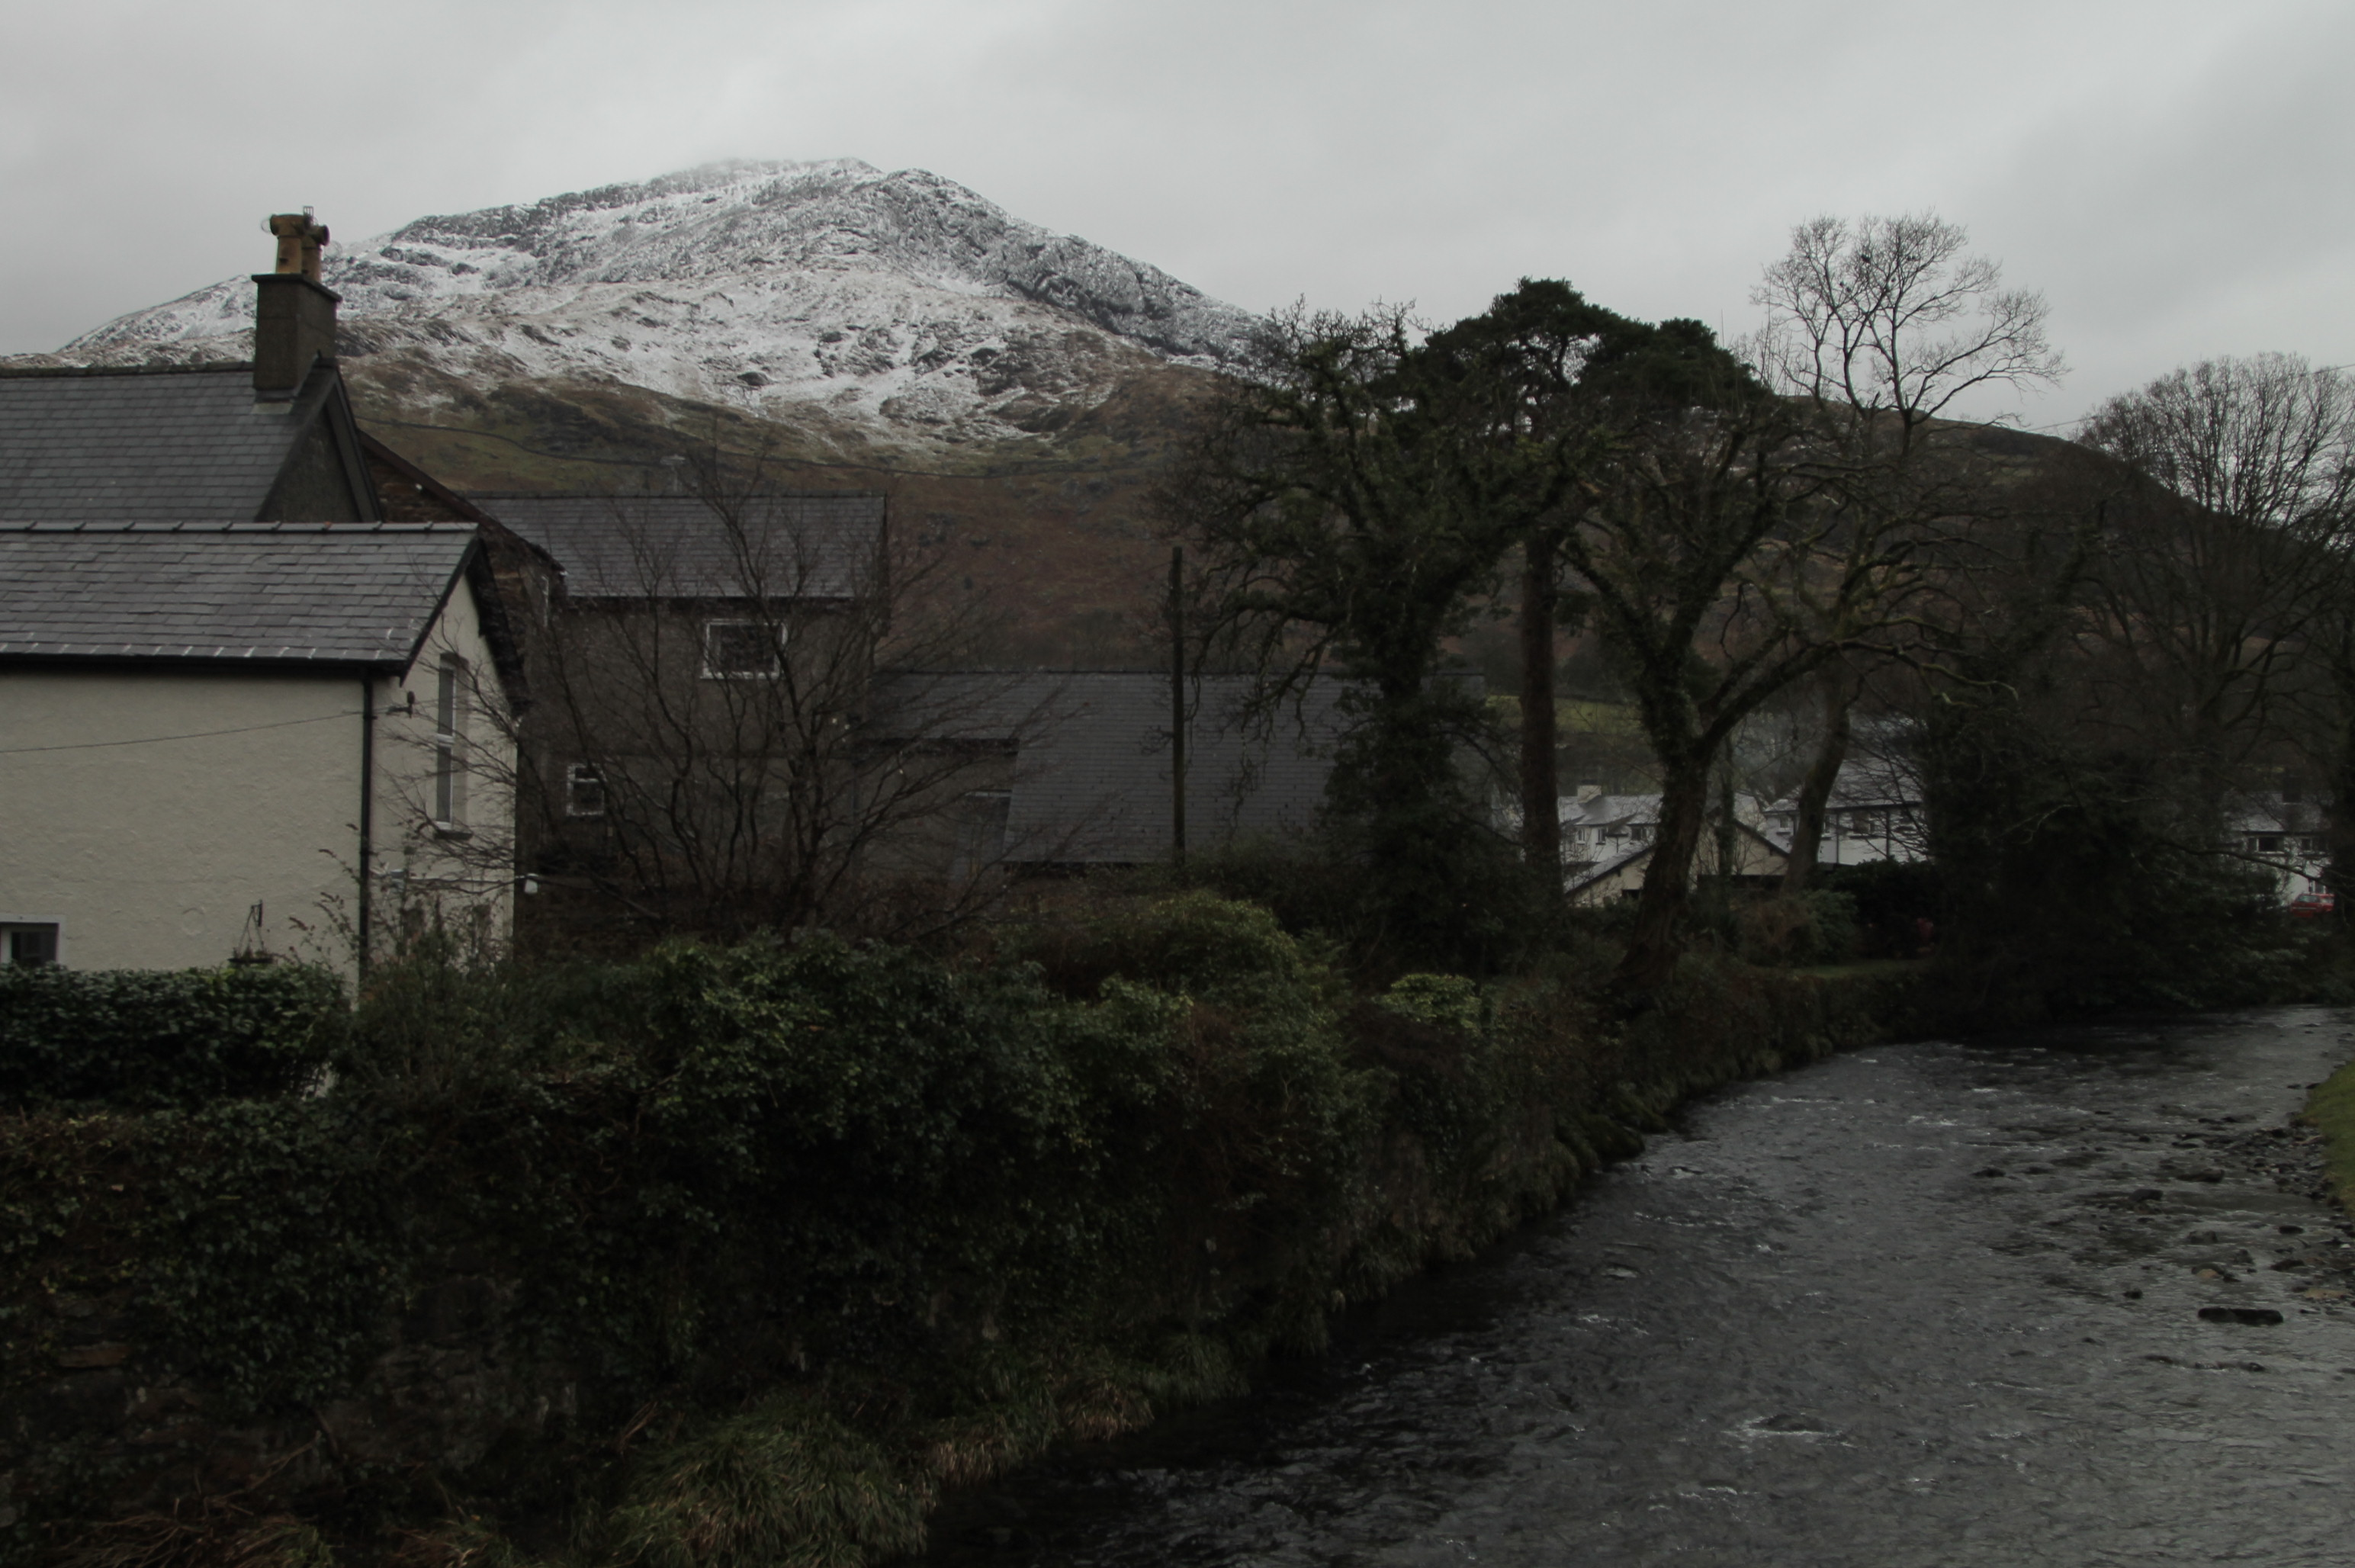 rio conwy em snowdonia, vila de beddgelert com arbores, casas de pedra e montanha com neve no fundo. paisagem linda.